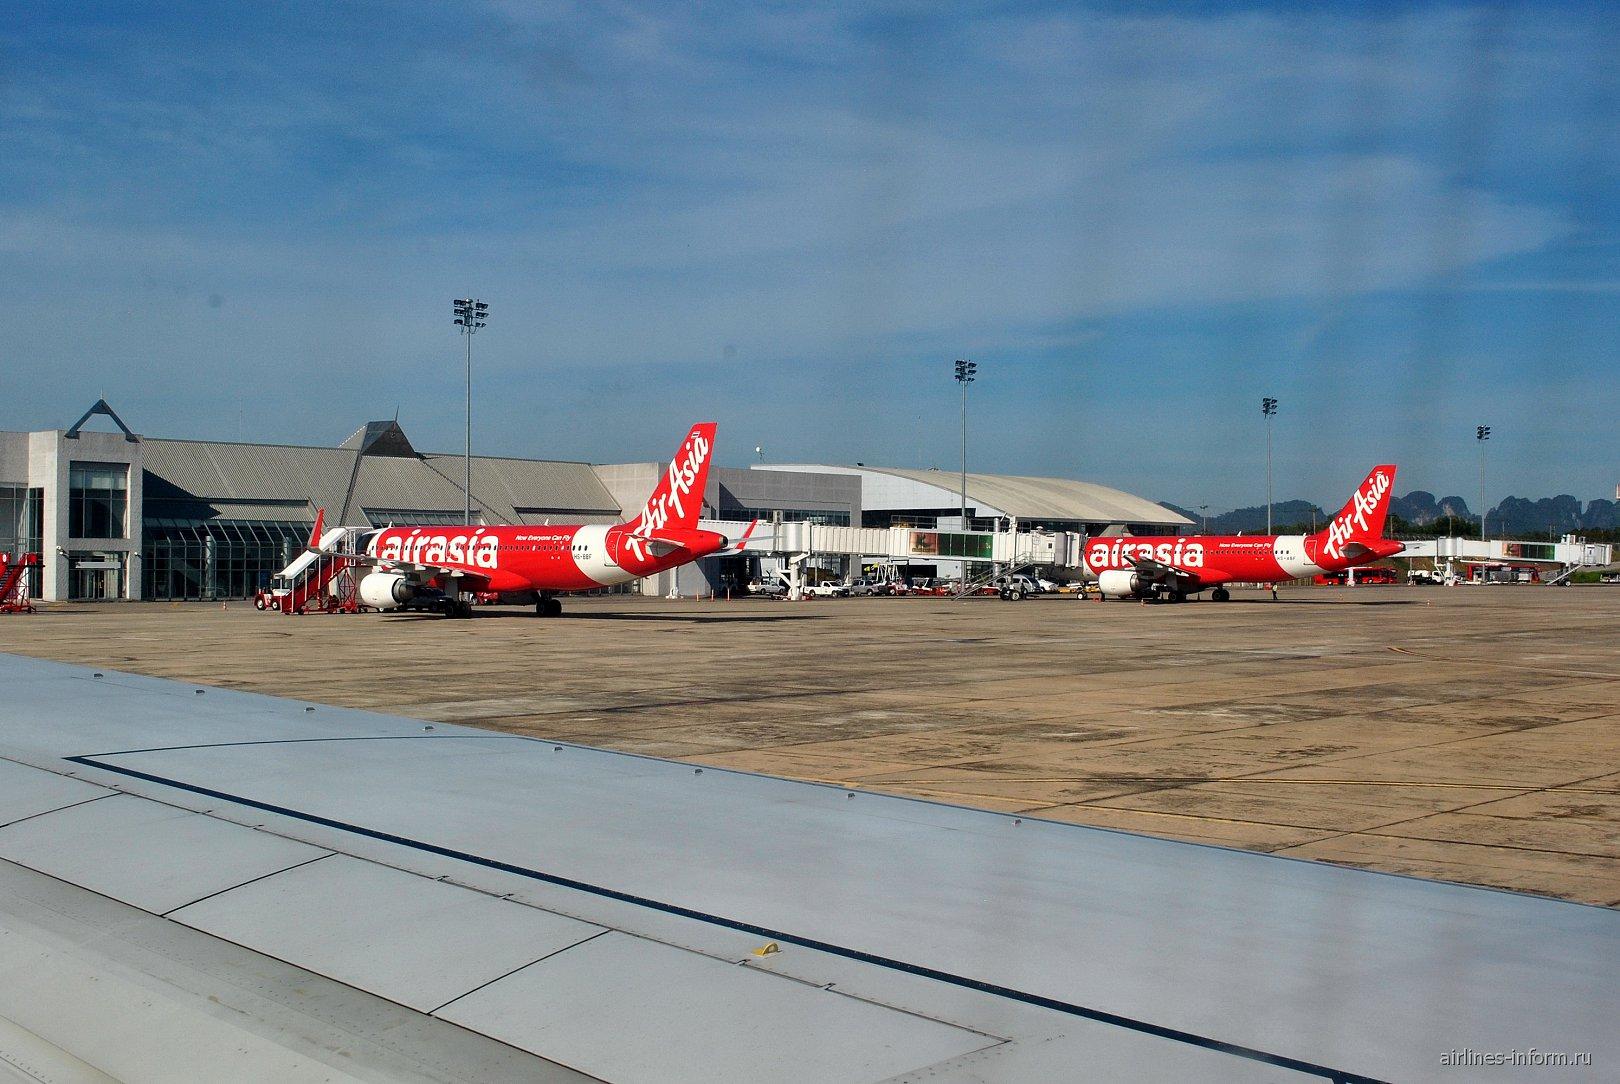 Пассажирский терминал аэропорта Краби